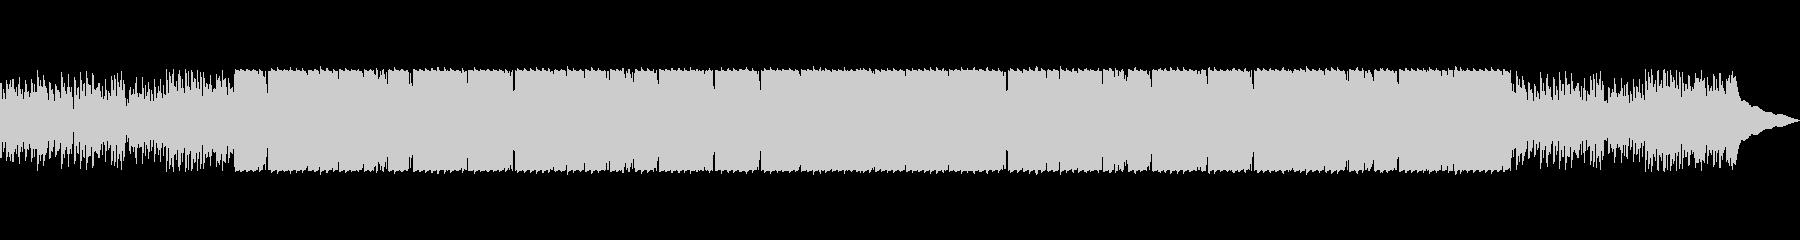 ベースが主旋律の静かなクリスマスBGMの未再生の波形